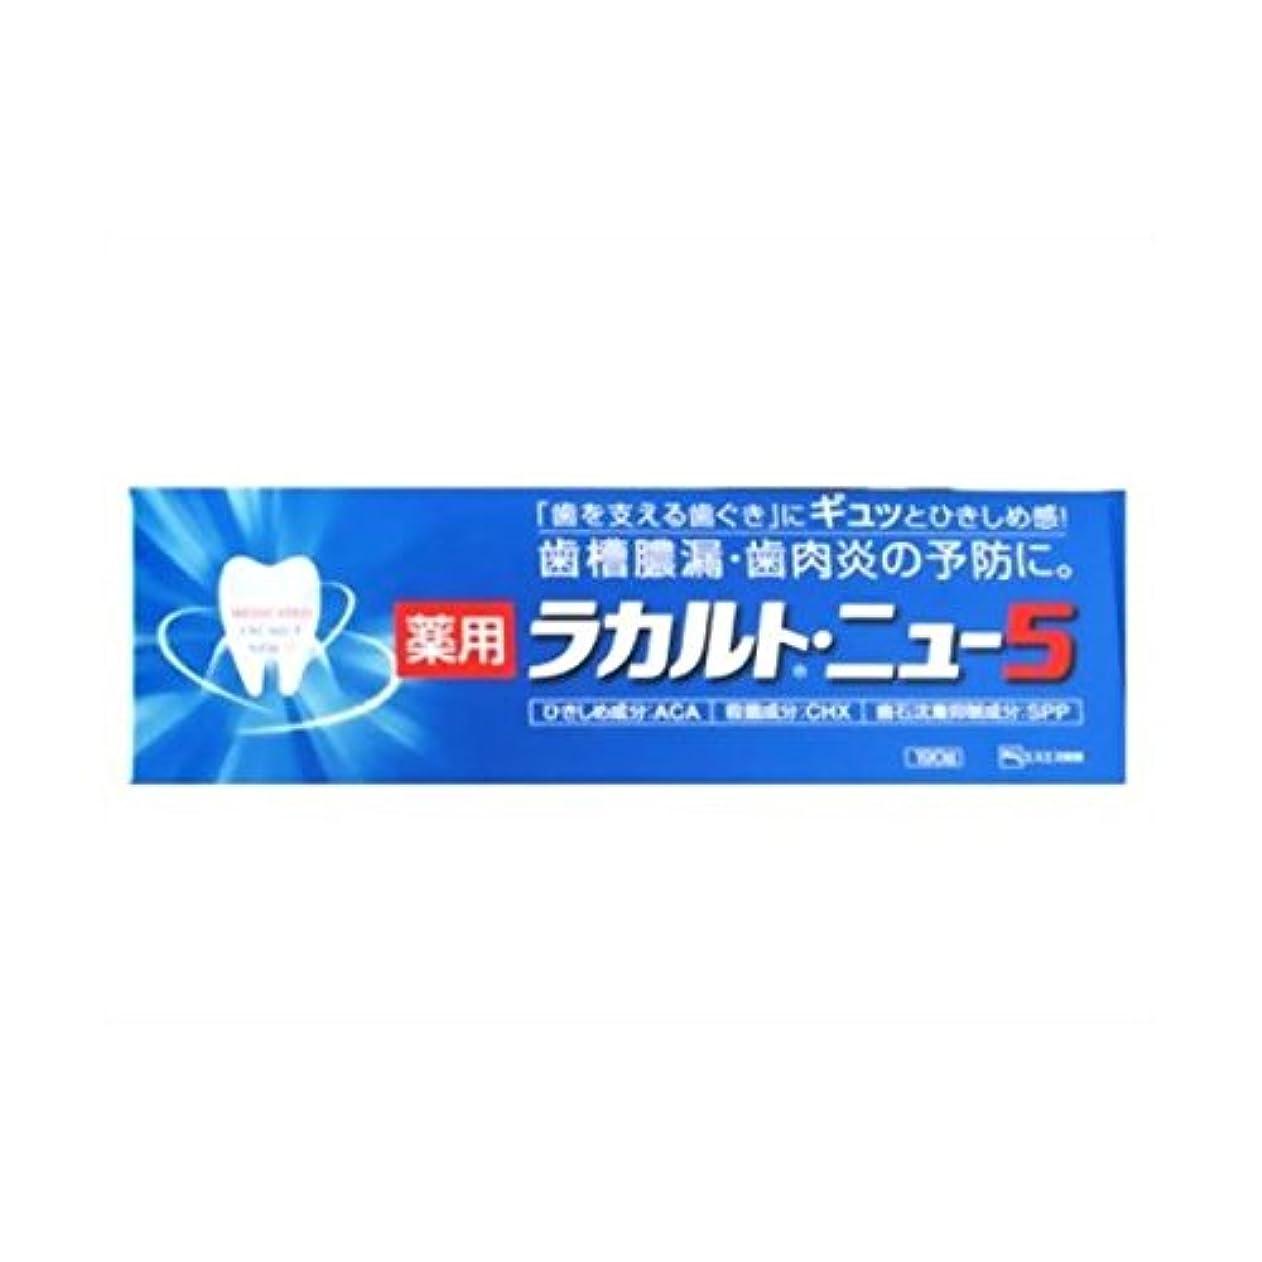 長いですしたいシャーロットブロンテ【お徳用 3 セット】 薬用ラカルトニュー5 190g×3セット